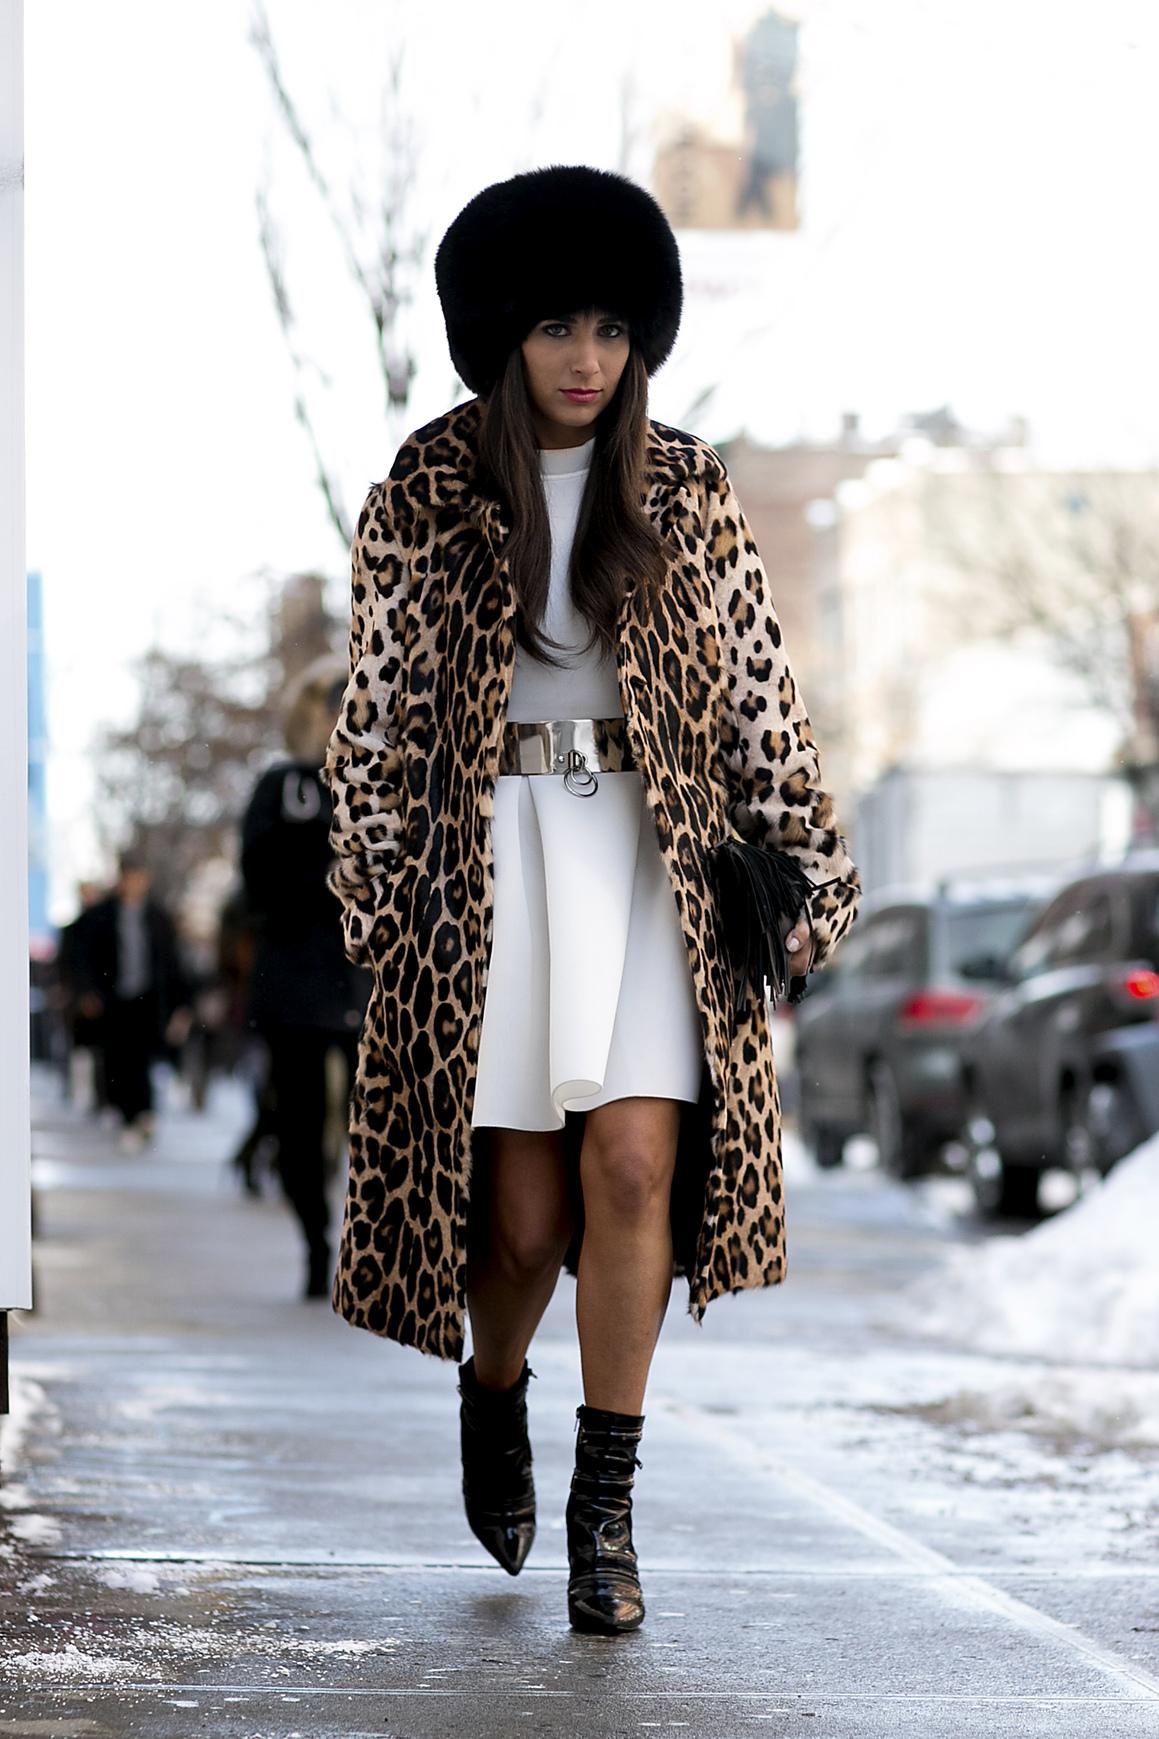 Sukienka sprawdzi się w plenerze, jeśli dobierzesz do niej ciepłe dodatki